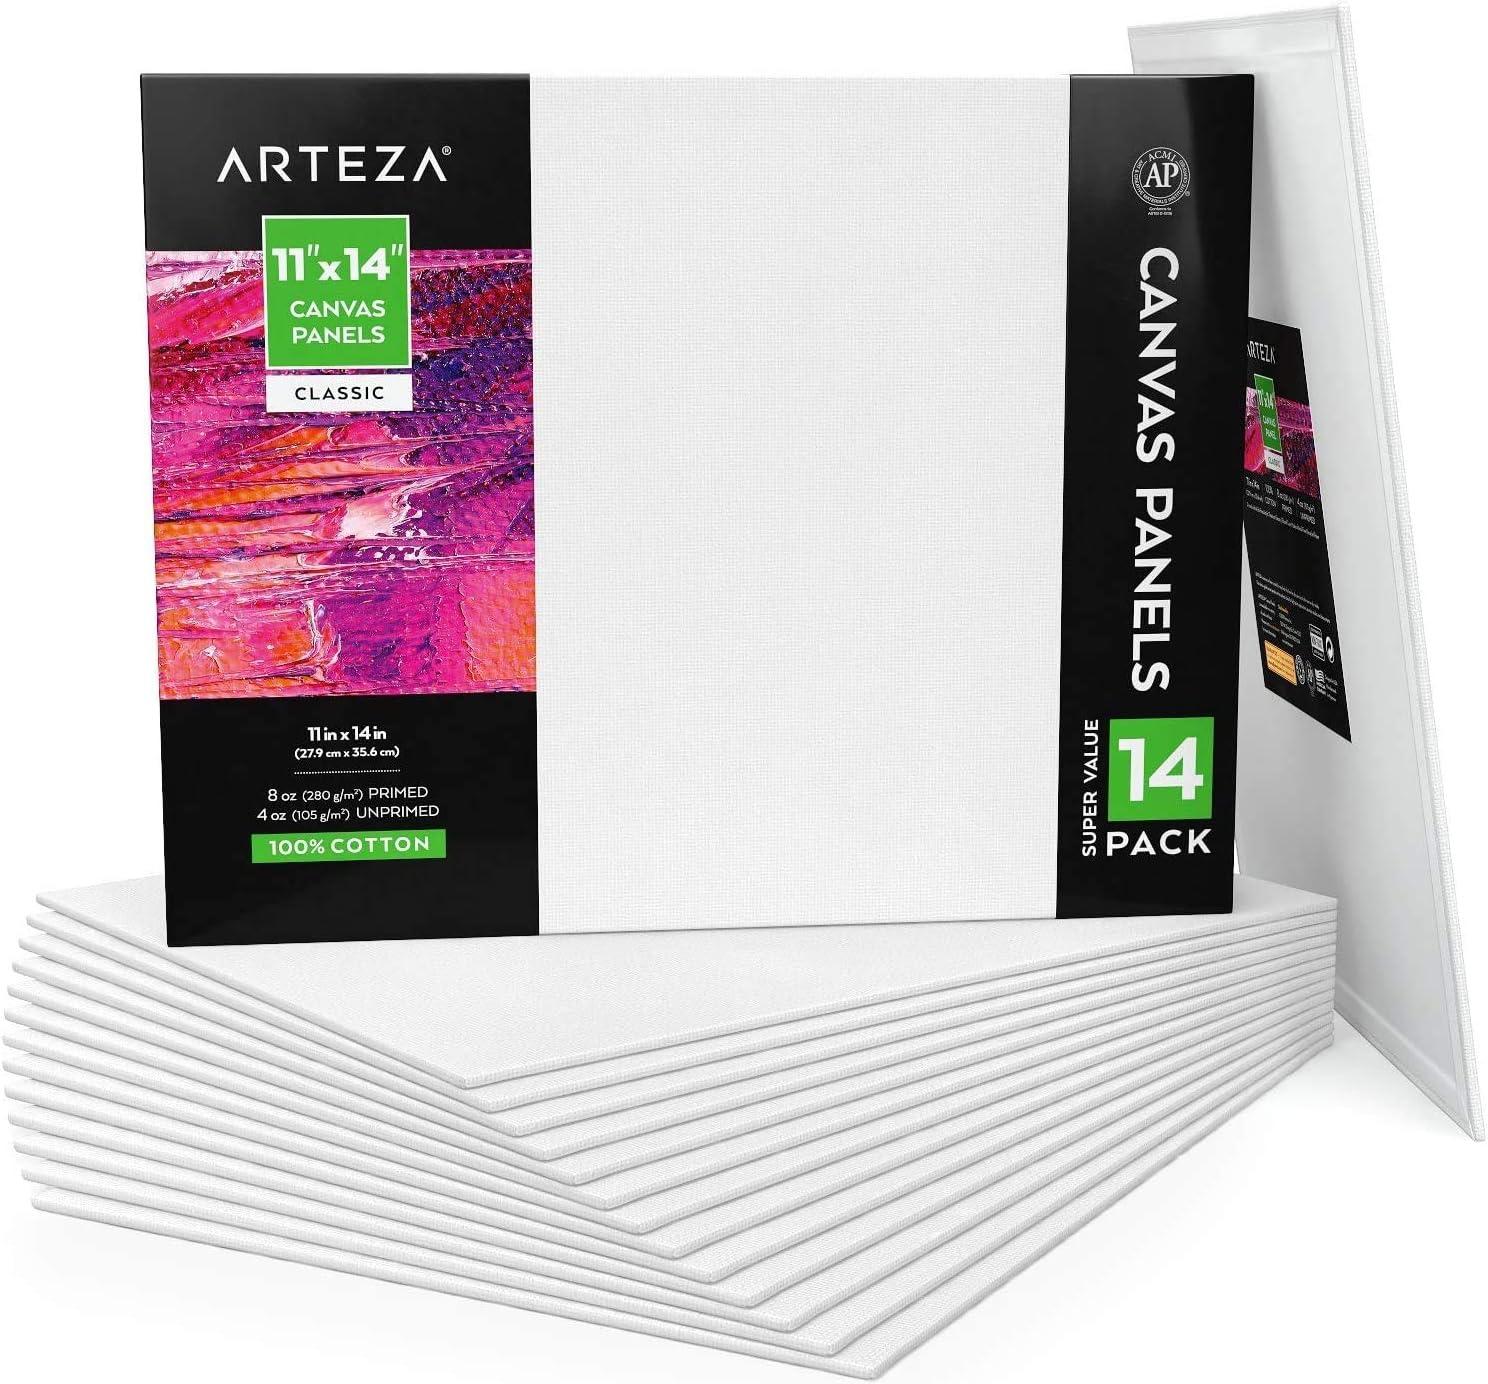 Arteza Paneles de lienzo para pintar cuadros   28x35,5 cm   Pack de 14   100% algodón   Lienzos para óleo, acrílicos y medios húmedos  para artistas profesionales, aficionados y principiantes